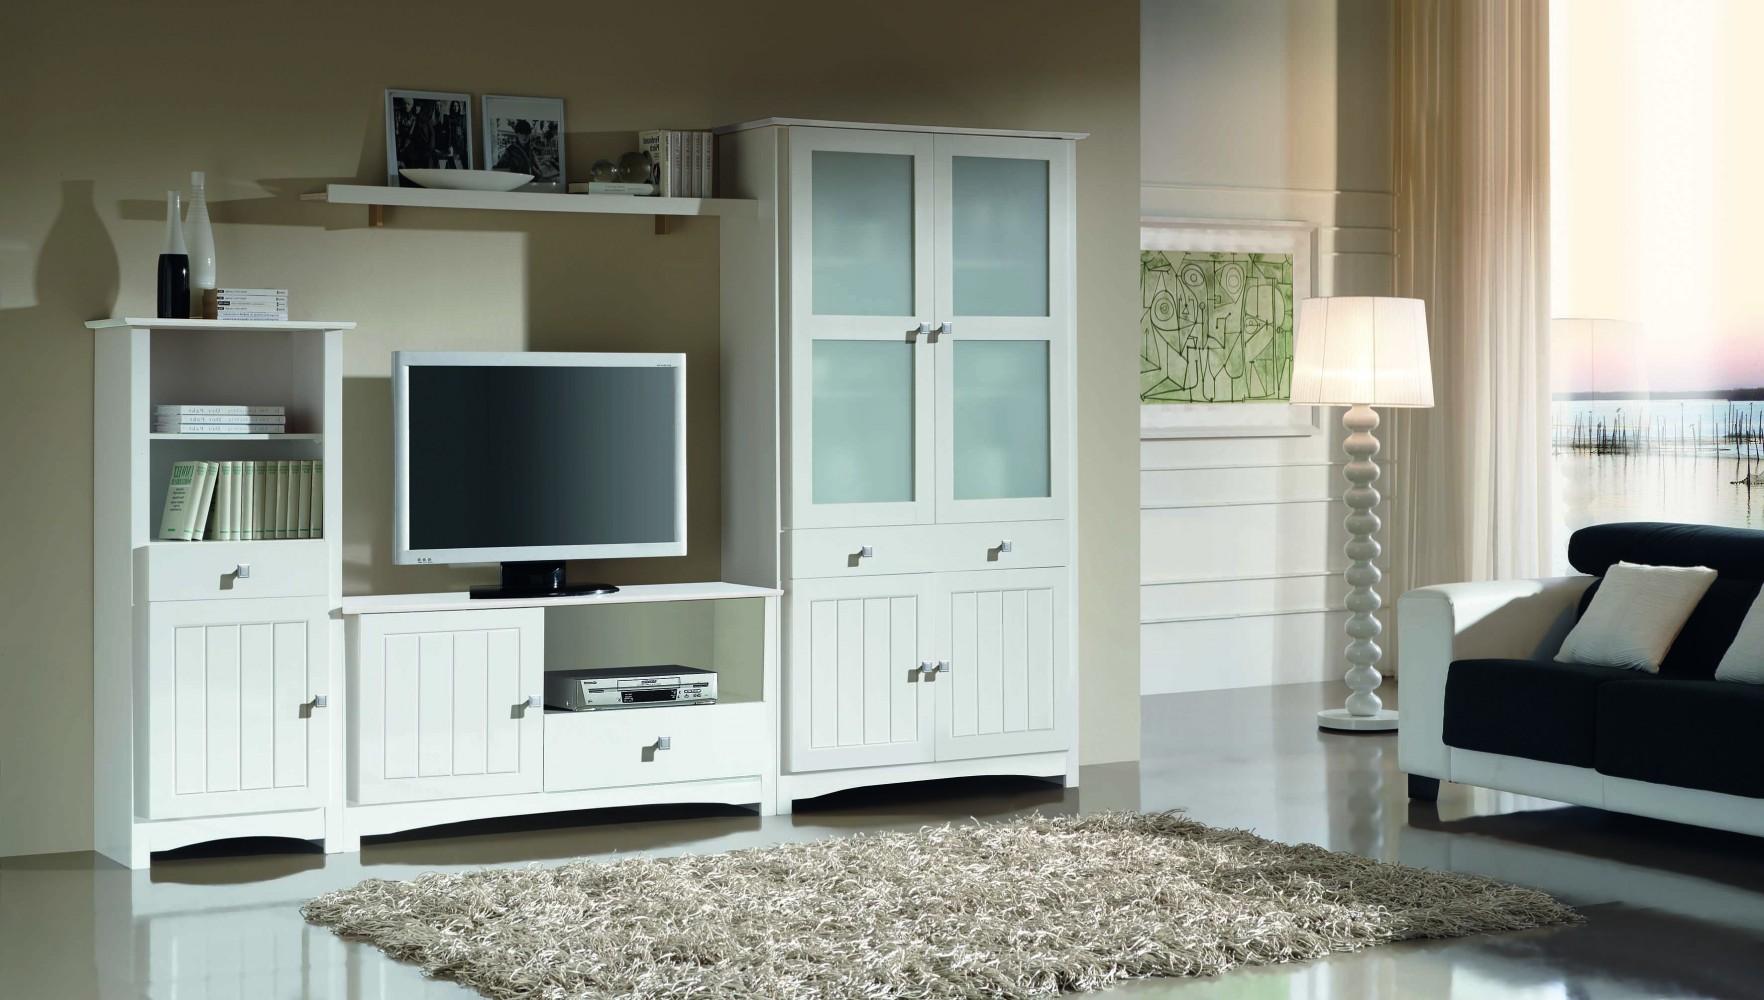 Muebles de pino baratos - Muebles en madera de pino ...